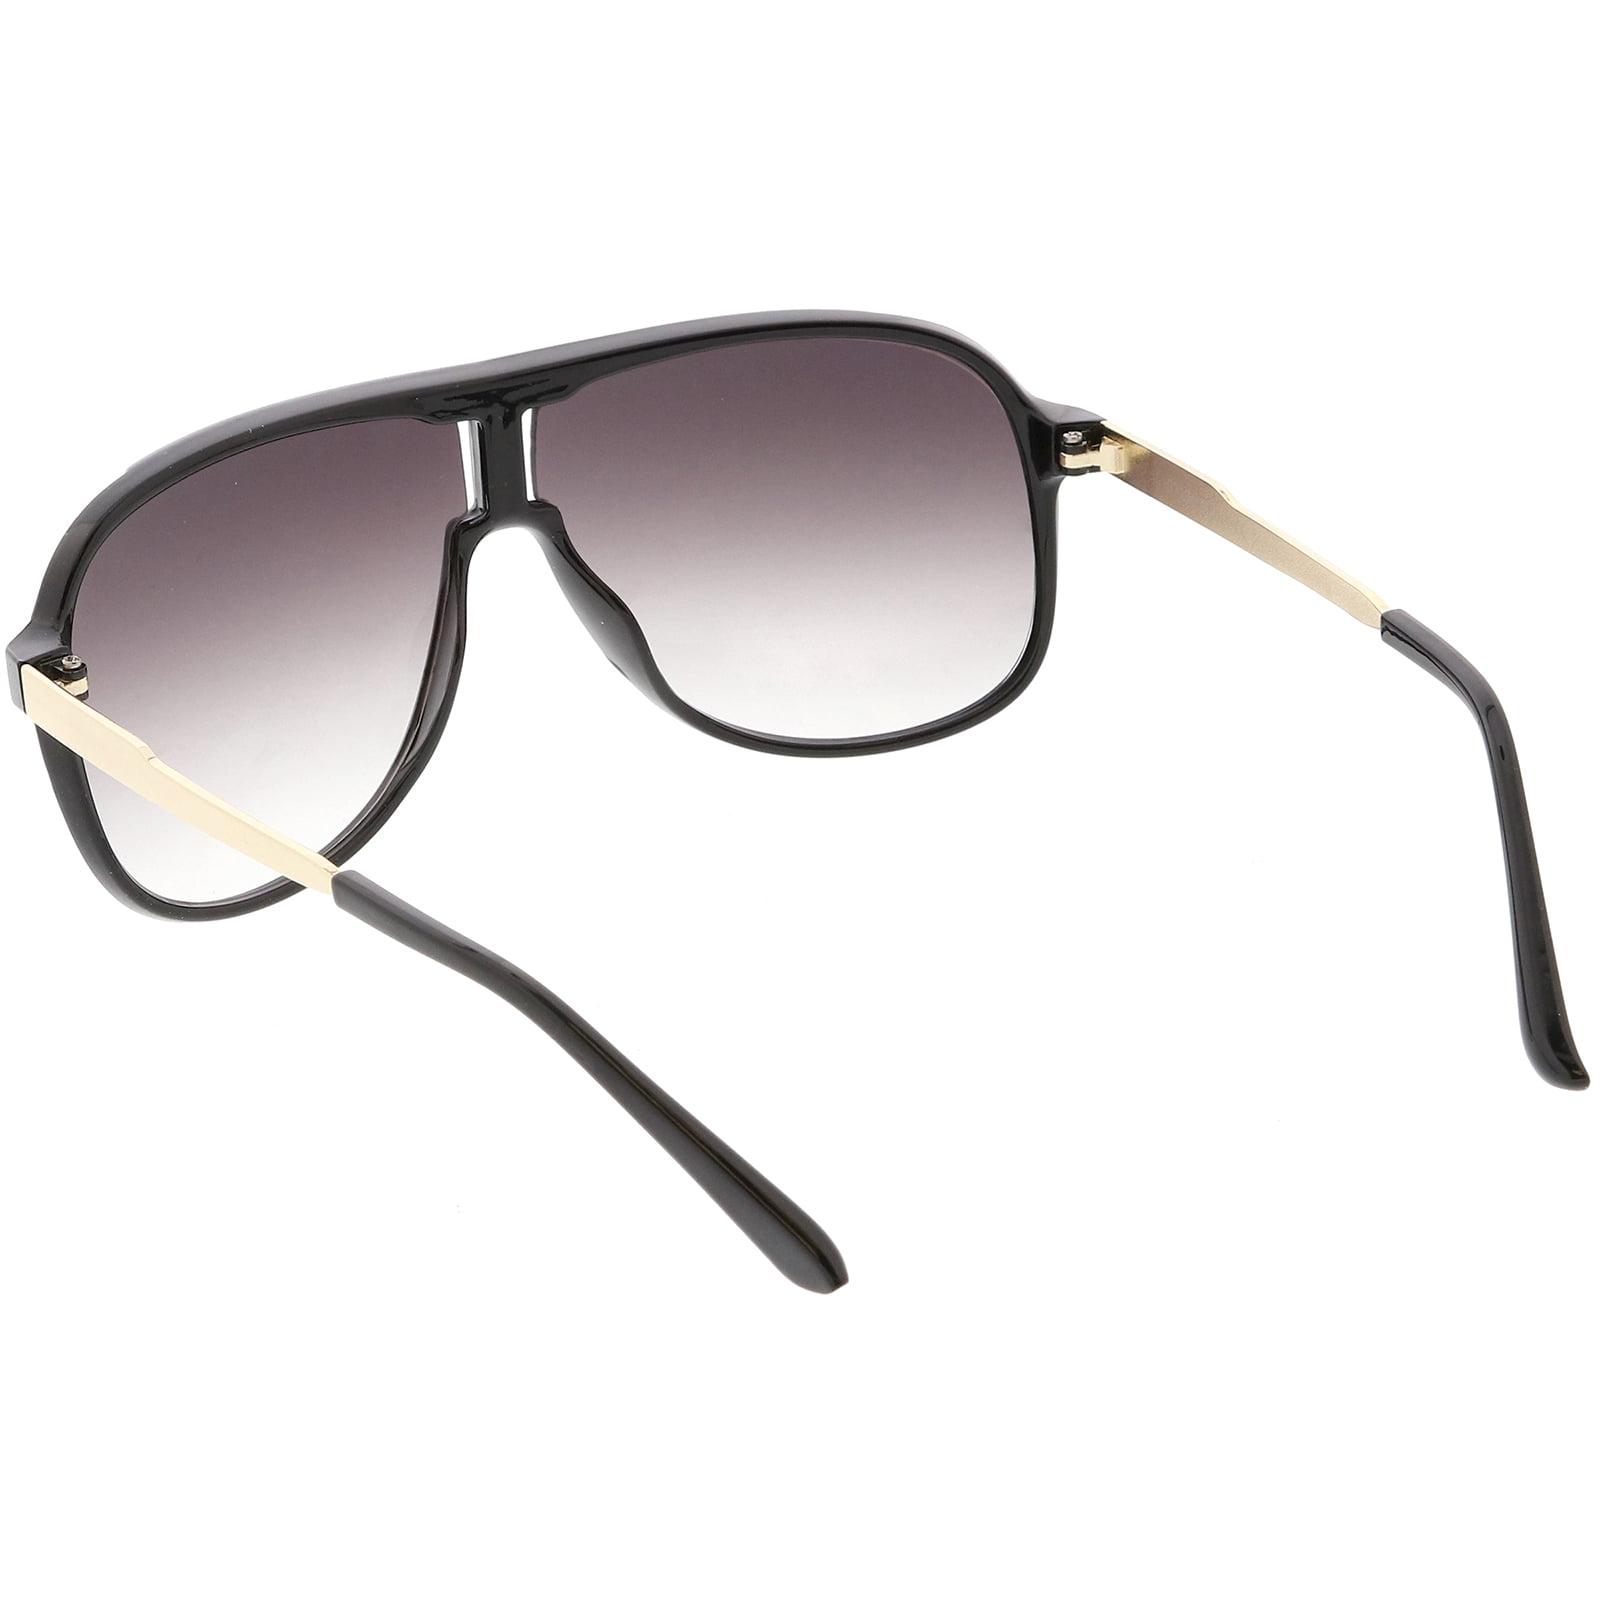 3ac0e693e9 sunglass.la - Men s Oversize Aviator Sunglasses Metal Arms Neutral Colored  Lens 60mm (Shiny Black Gold   Smoke) - Walmart.com